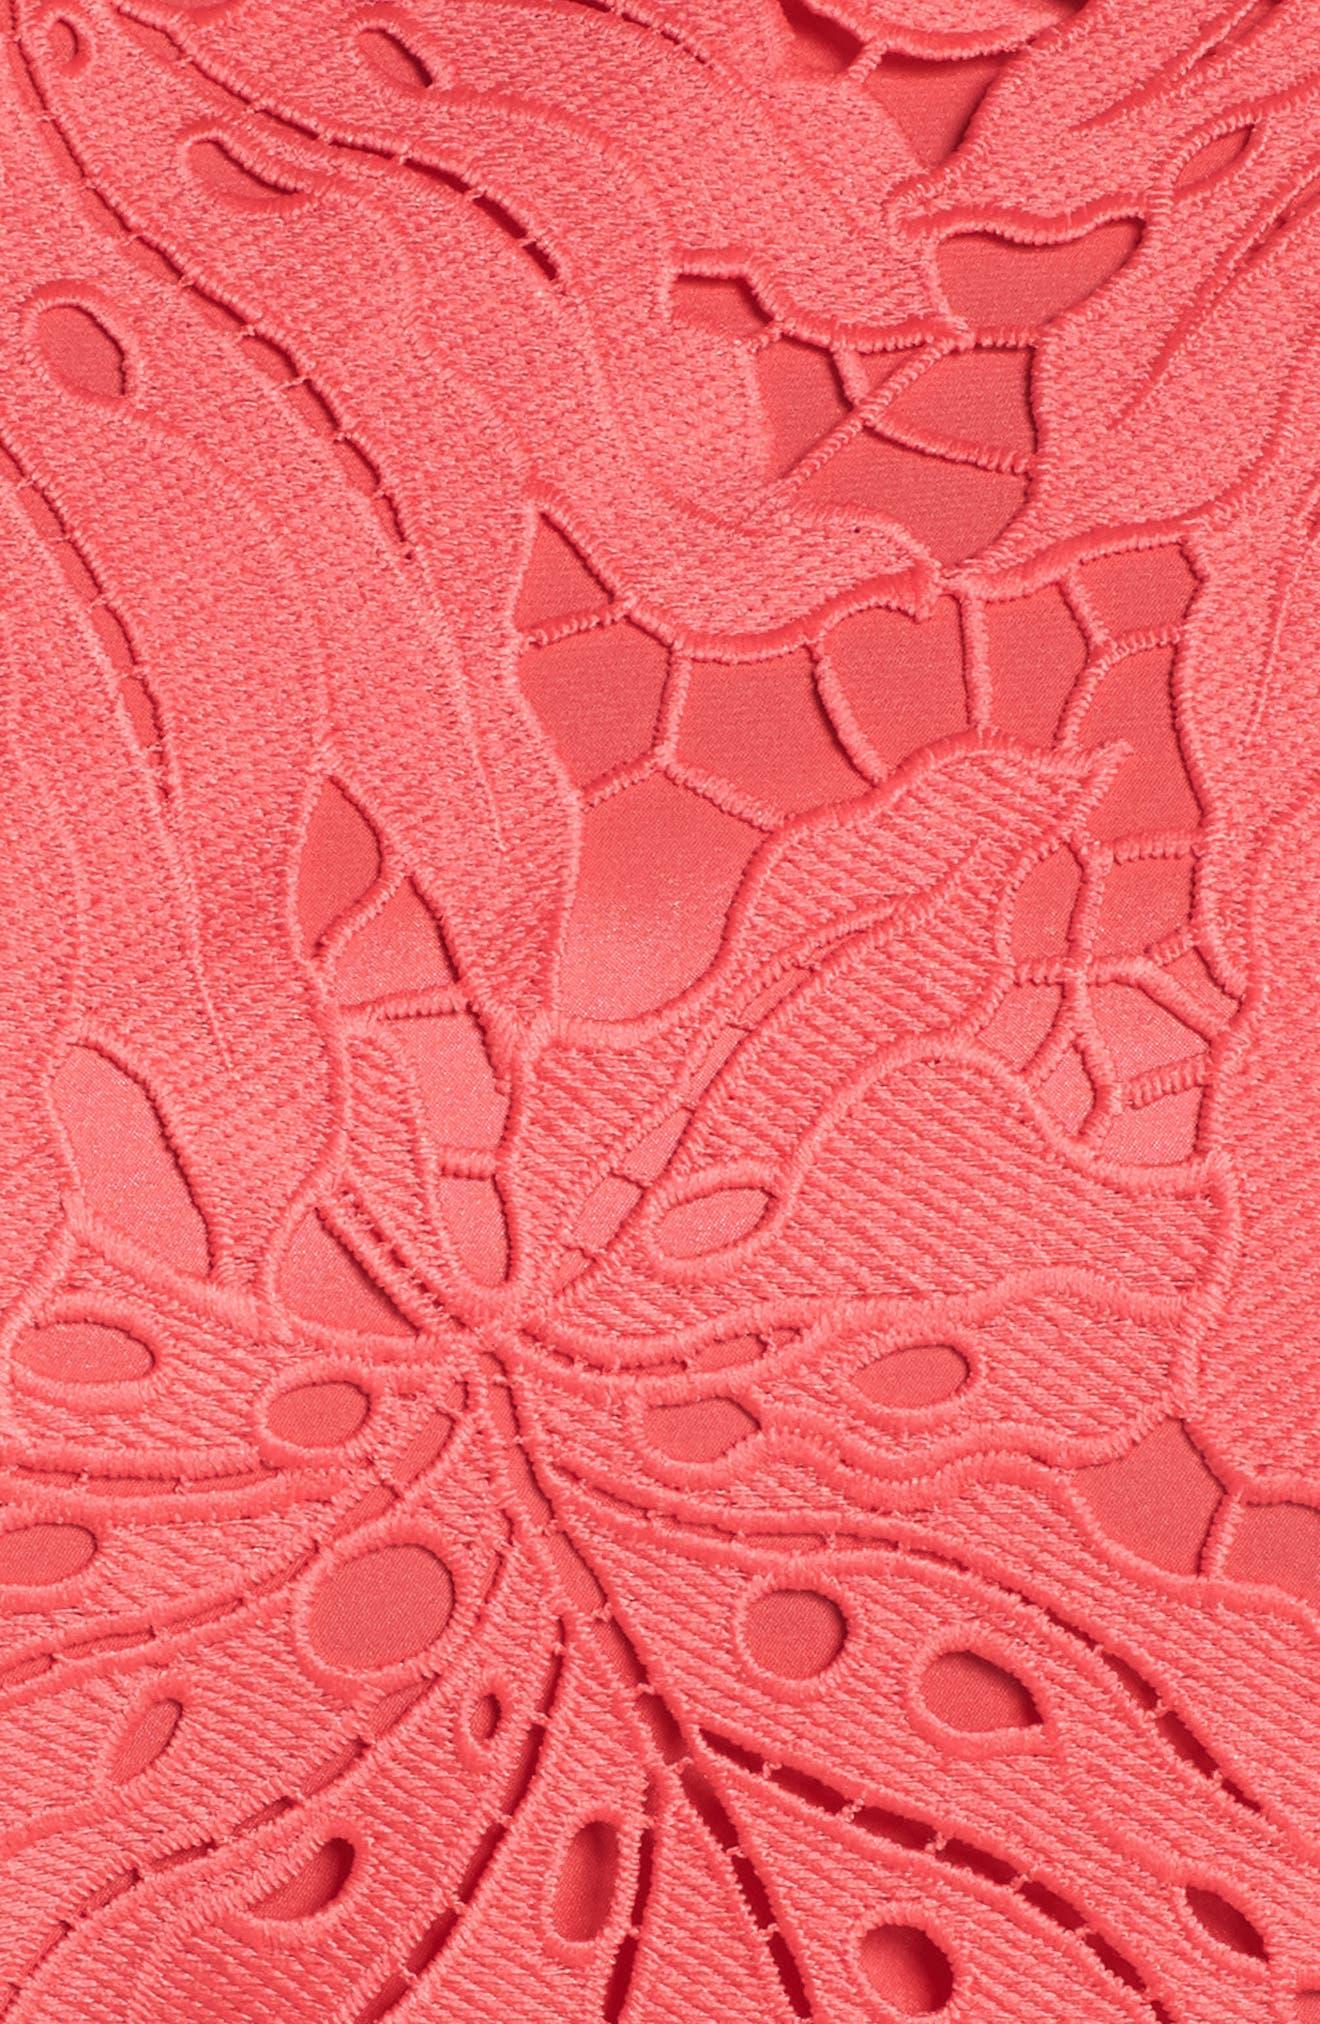 Palm Leaf Chemical Lace A-Line Dress,                             Alternate thumbnail 6, color,                             Watermelon